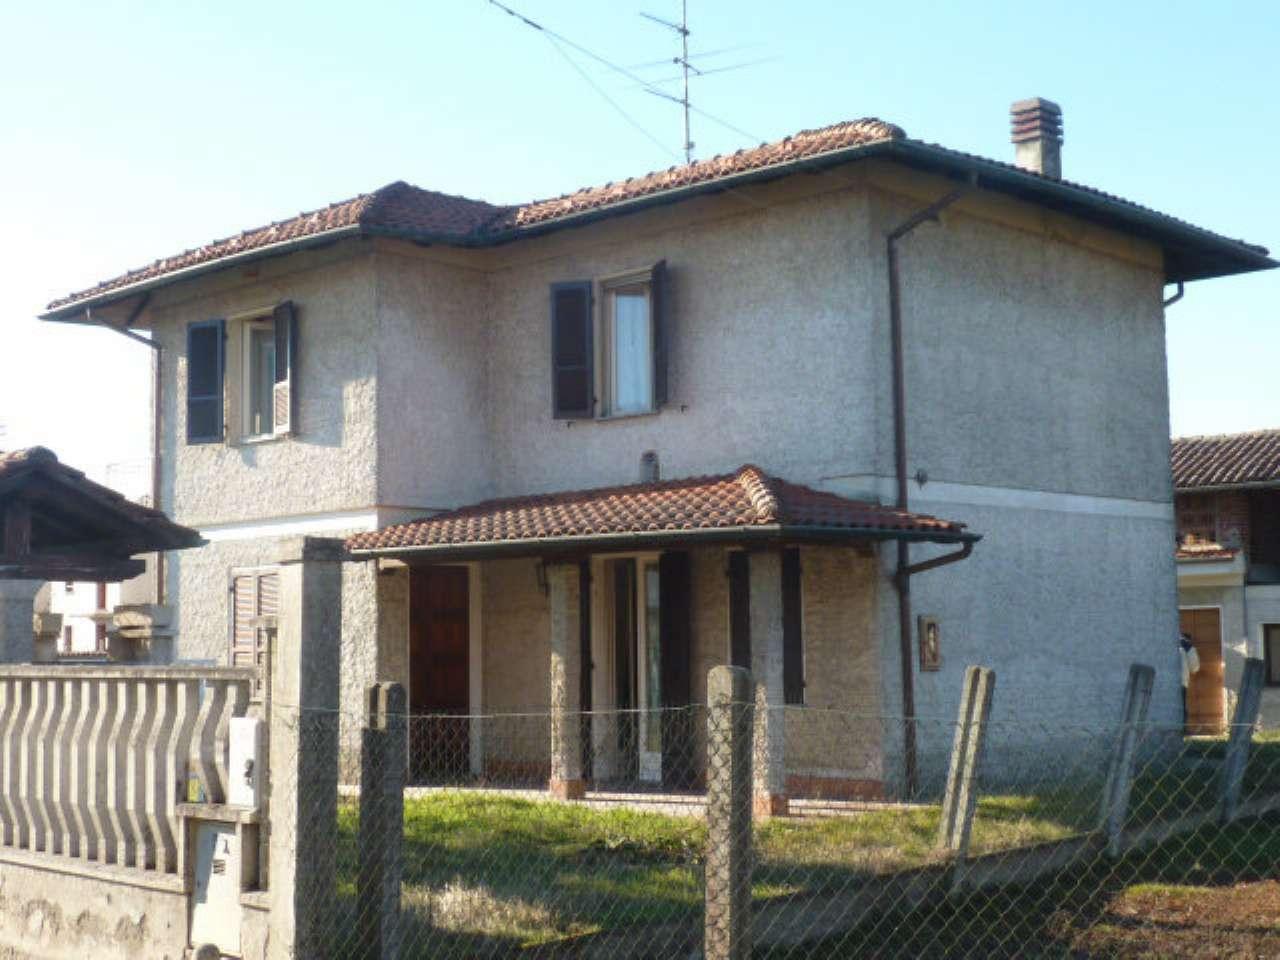 Soluzione Indipendente in vendita a Mortara, 5 locali, prezzo € 155.000 | Cambio Casa.it